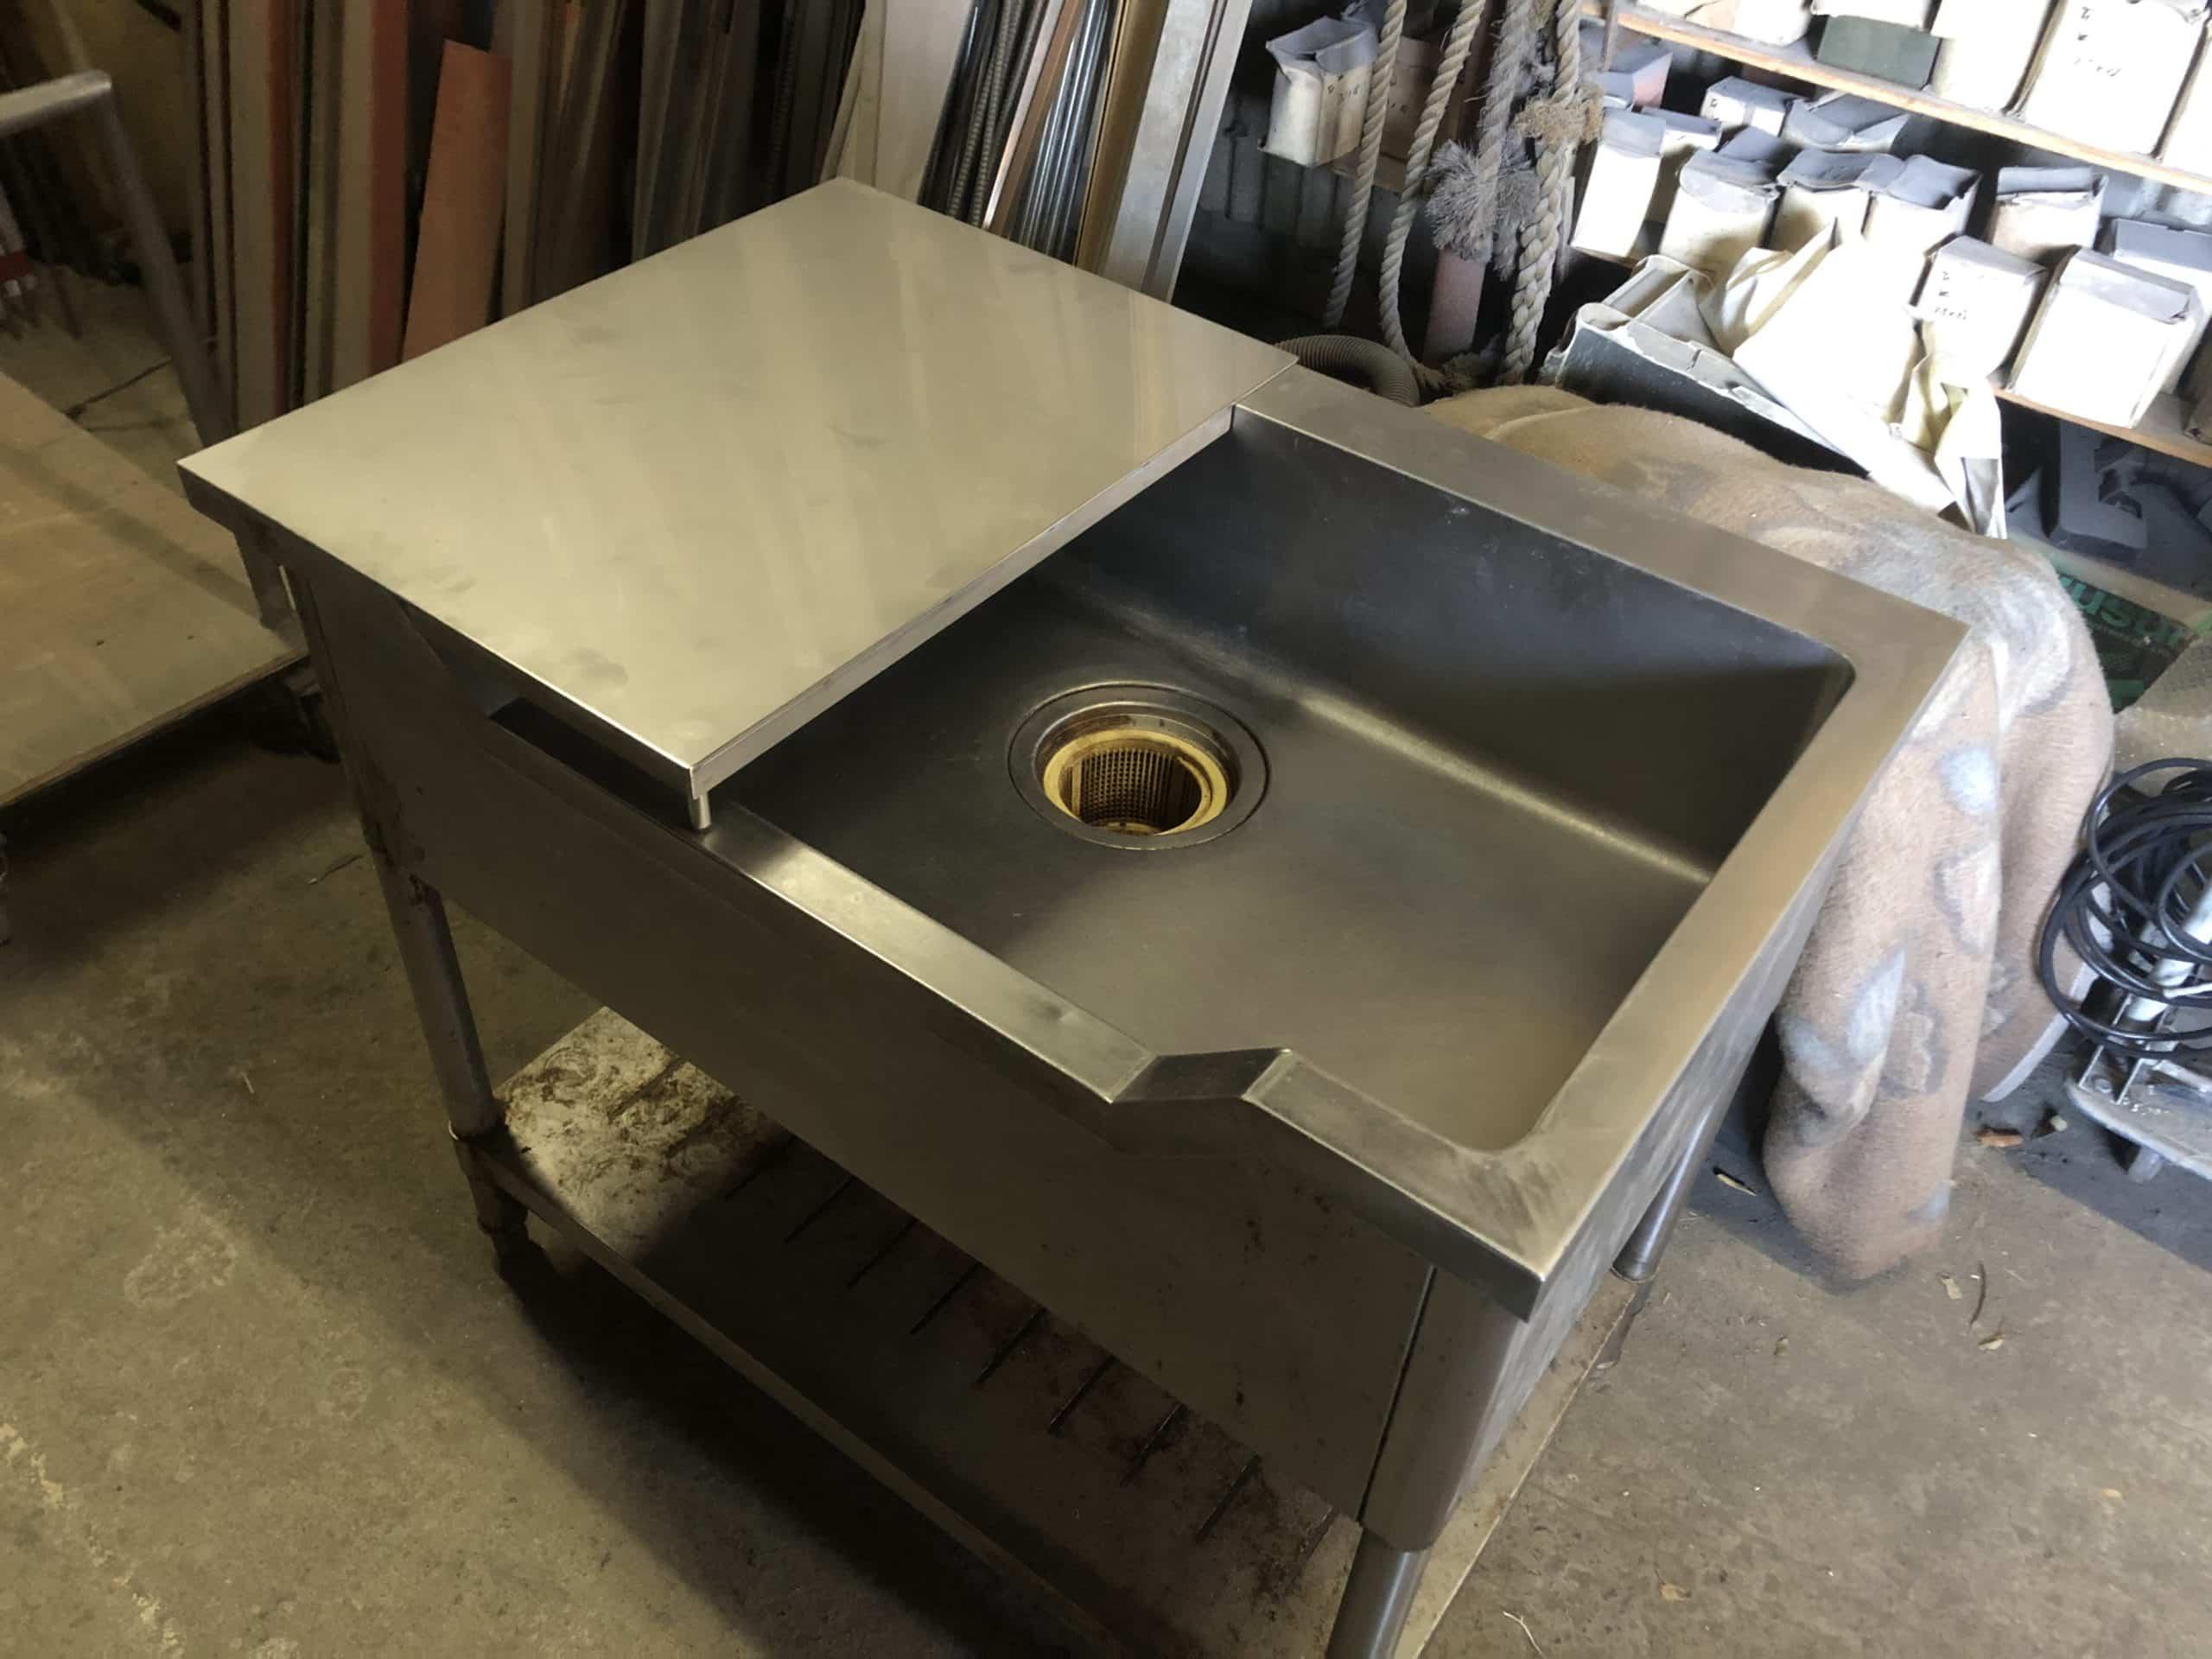 ステンレス製の調理台を製作しました